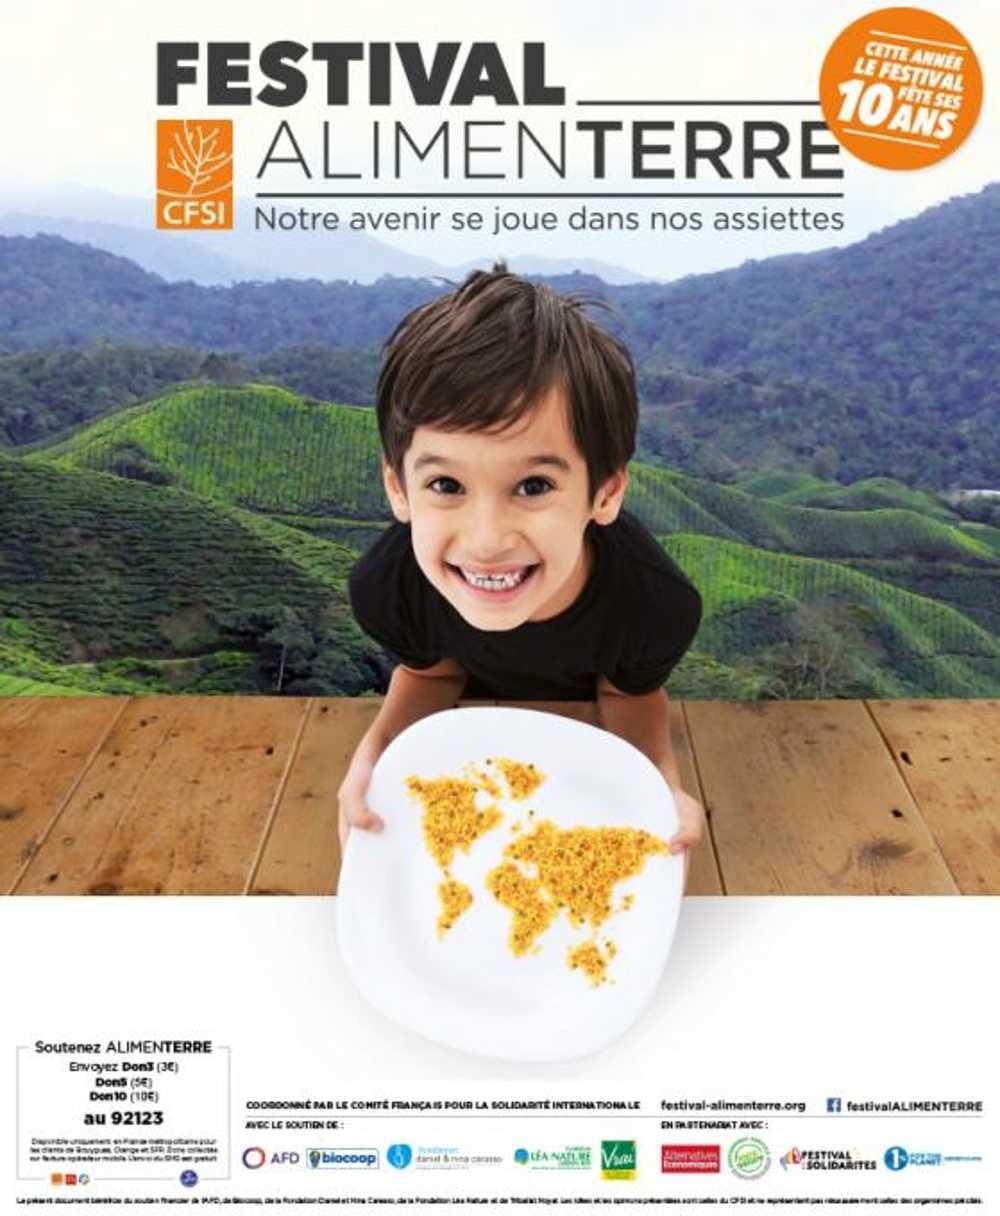 Festival AlimenTerre : Cousin comme cochon .. Le 25 octobre à la maison de quartier 0